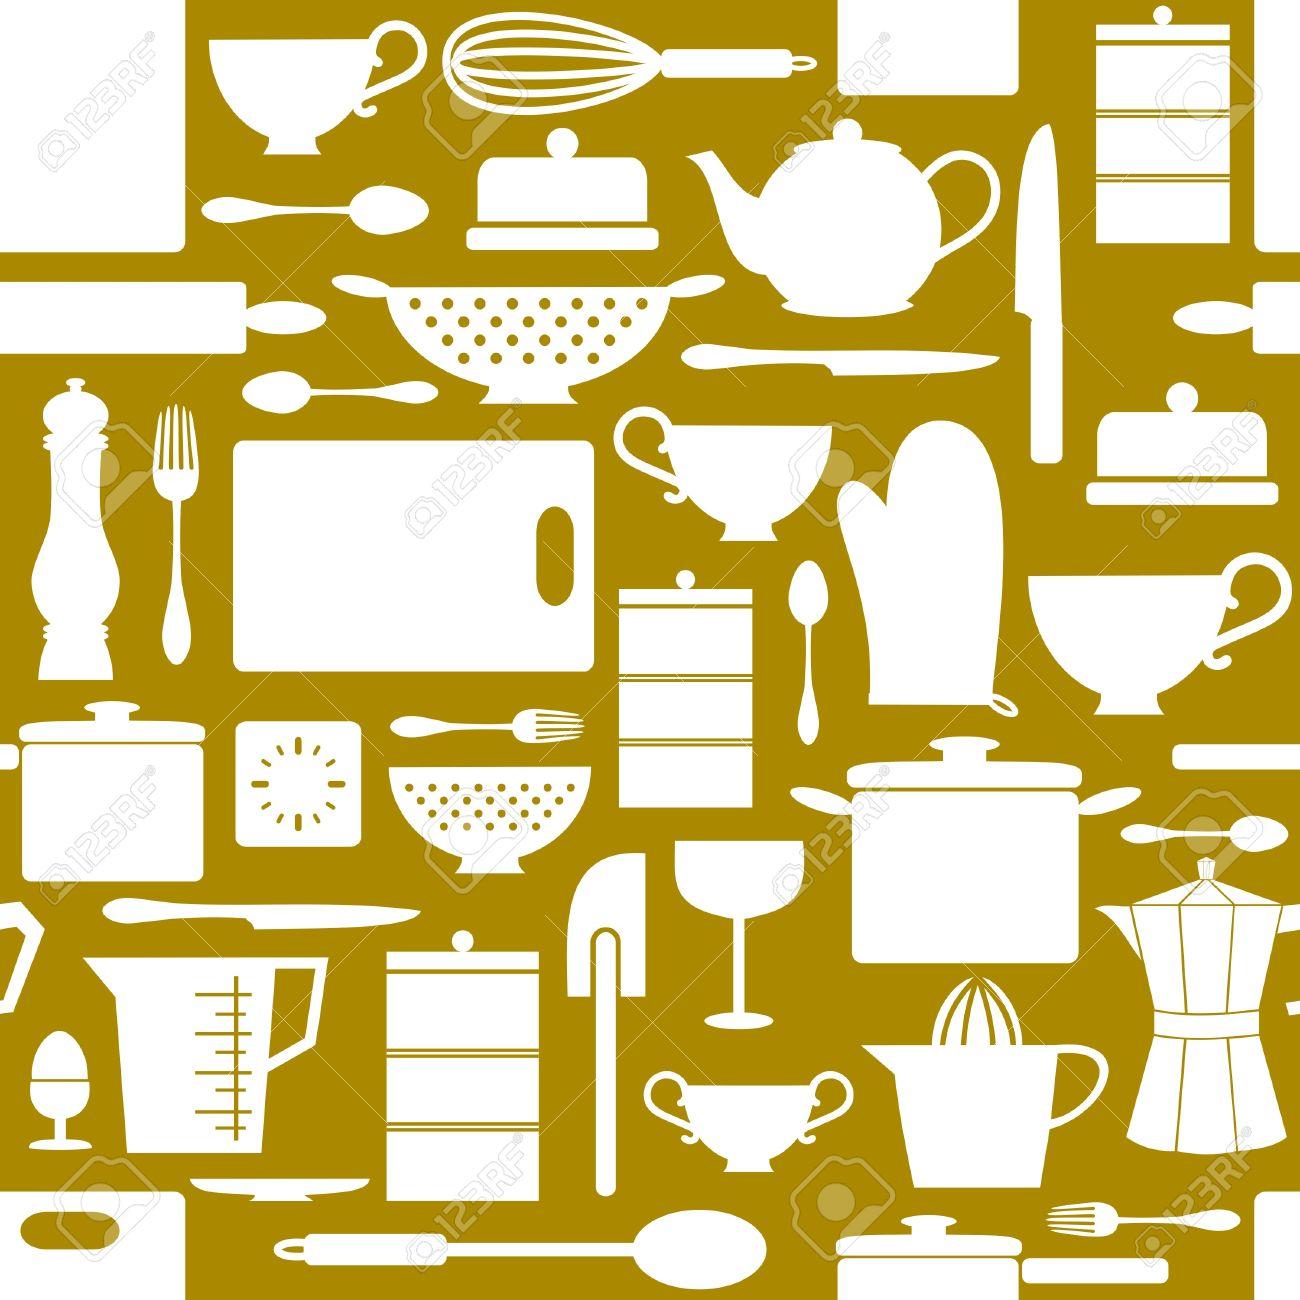 Lovely Archivio Fotografico   Seamless Pattern Con Oggetti Da Cucina In Stile Retrò